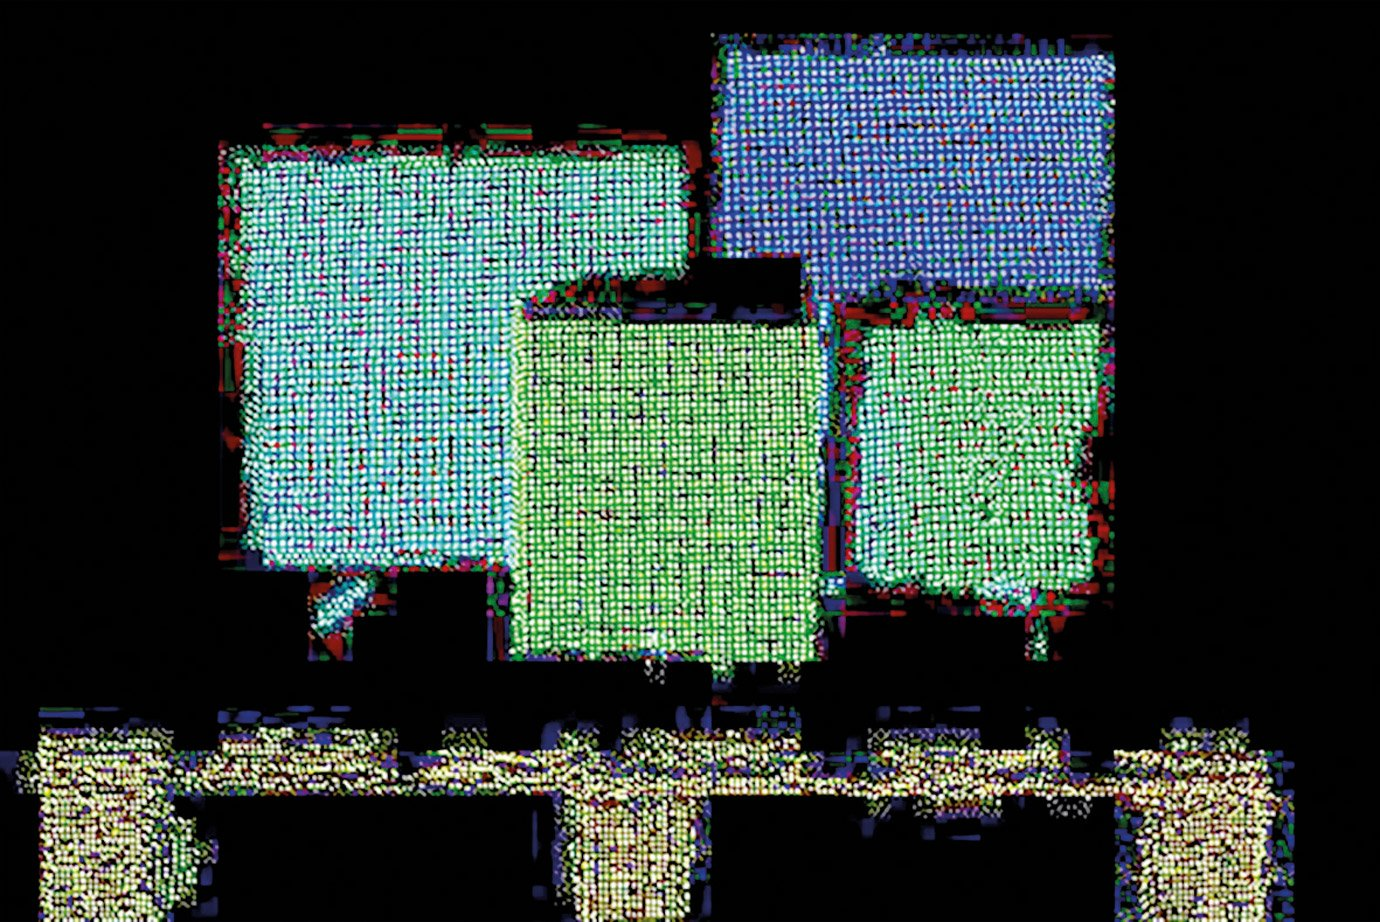 3d_technologies_Tof_Screenshot_1380x922px